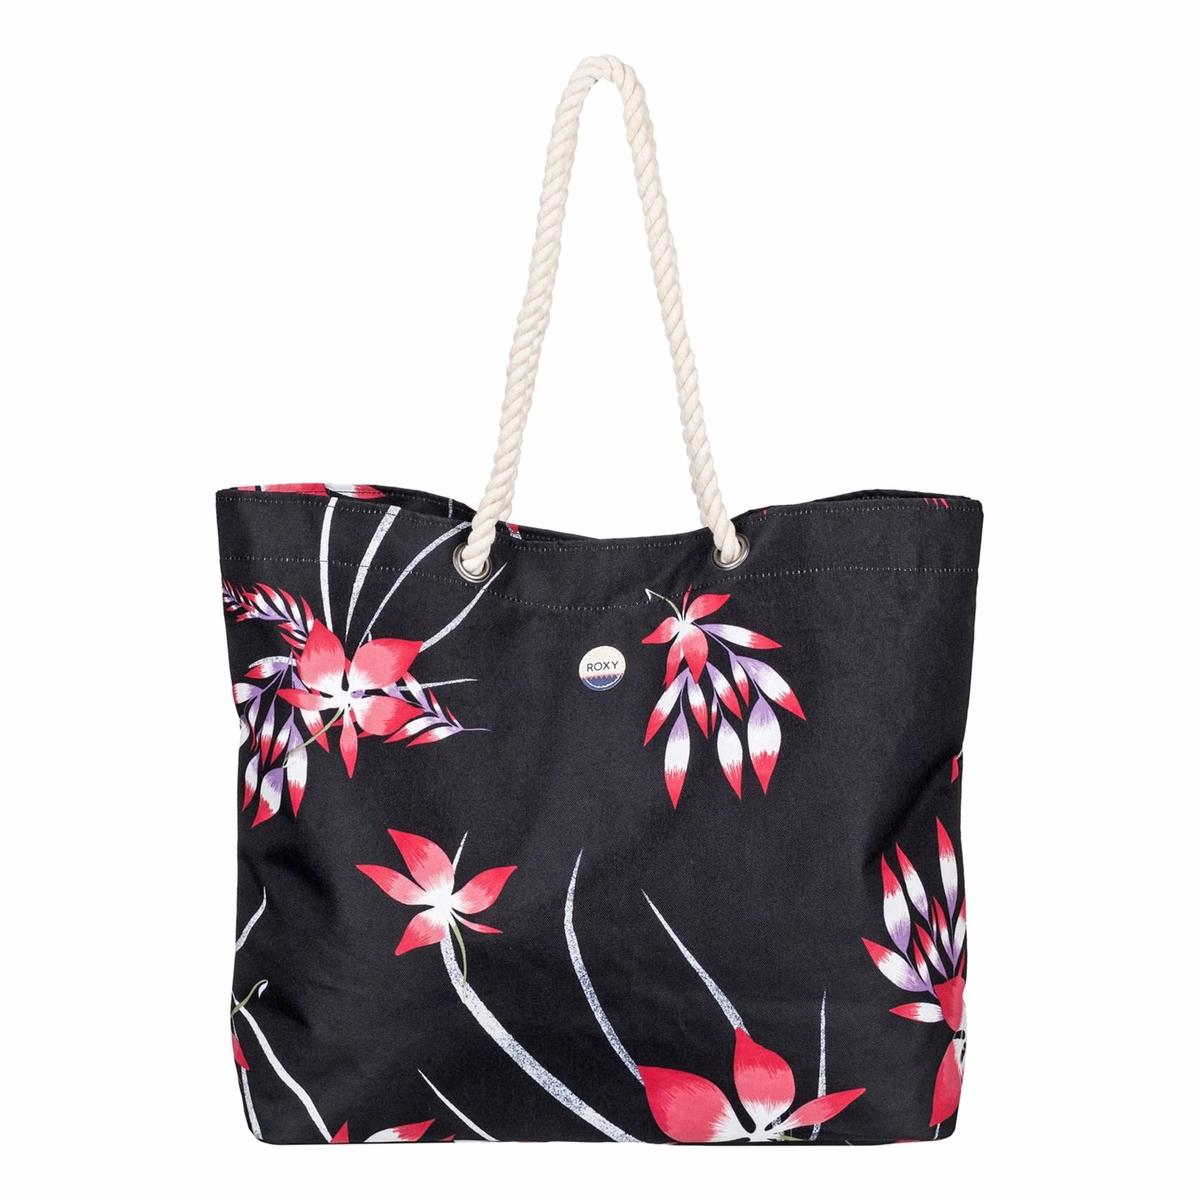 Сумка пляжная, с рисункомПляжная сумка, с тропическим рисунком, Roxy Стильная сумка с красивым рисунком отлично подходит для пляжа или отдыха. Состав и описание :Материал :  полиэстерМарка : ROXYРазмеры  : В.41 x Ш.55 x Г.14 смРучки из мягкой веревки. Нашивка из хлопка с логотипом.Объем : 26 л<br><br>Цвет: антрацит